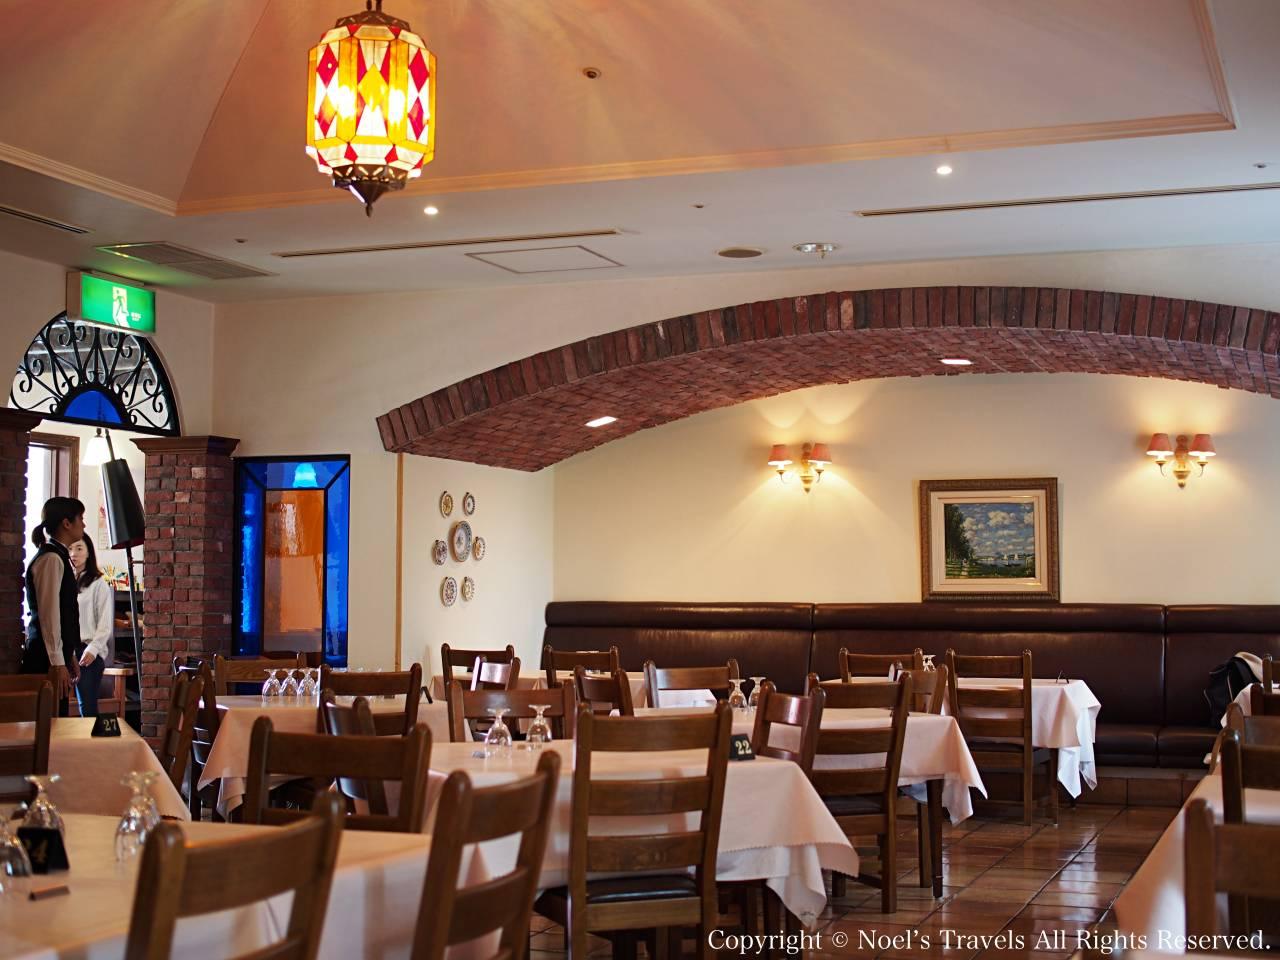 志摩スペイン村のレストラン「アルハンブラ」